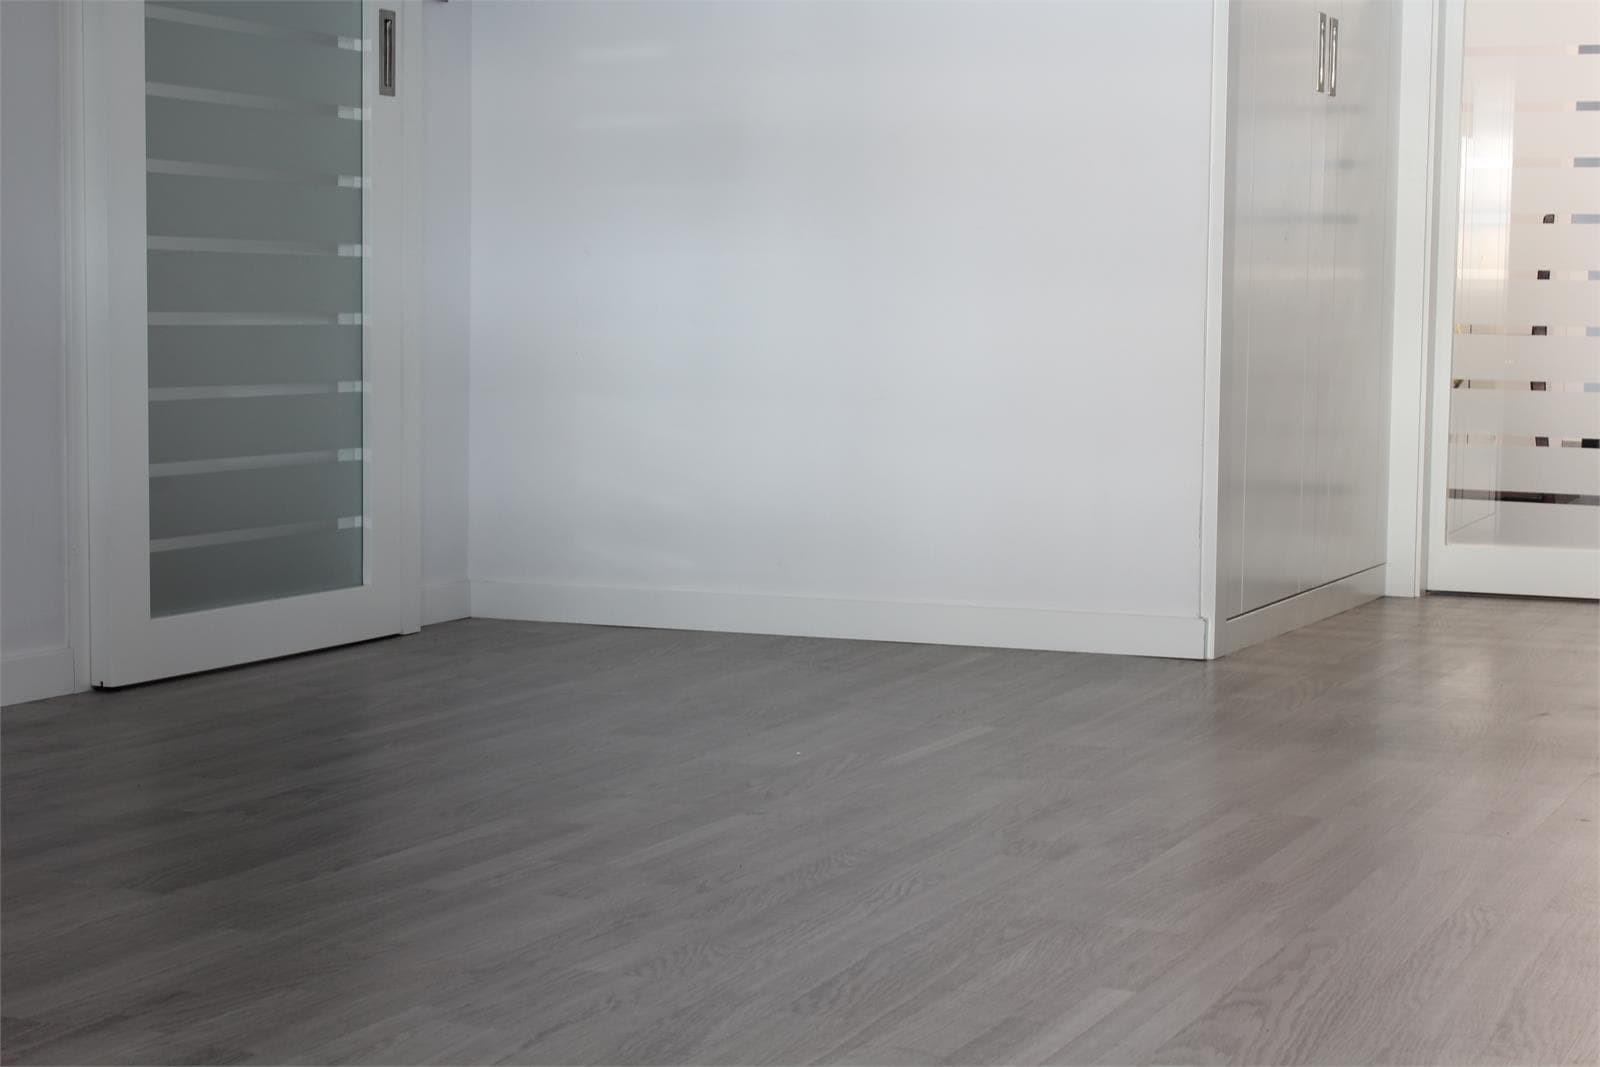 Parquet gris puertas blancas esmaltado gris lneas with for Suelo gris y puertas blancas